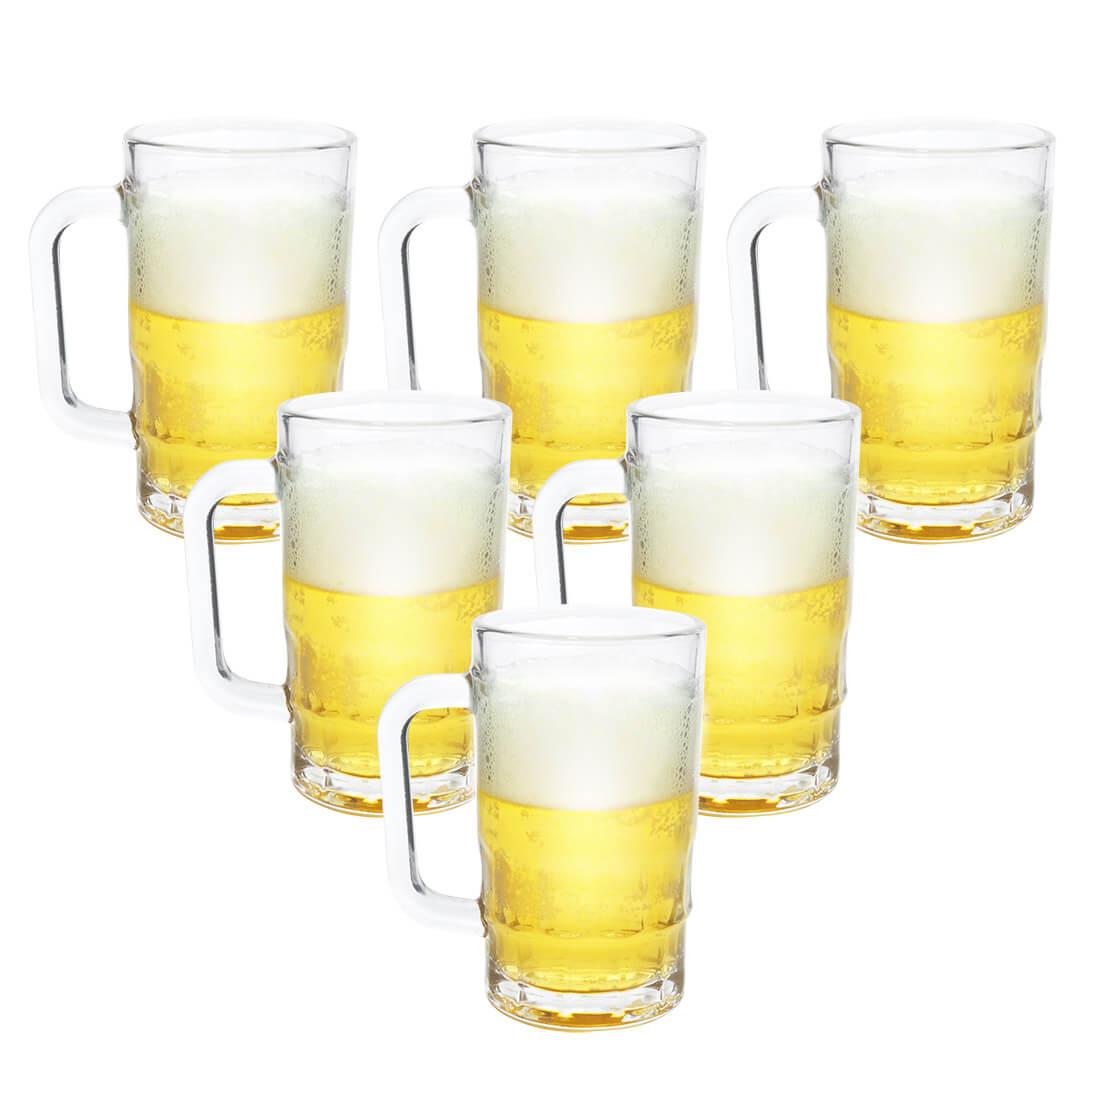 Kit 6 Canecas de Chopp Cerveja de Vidro Grosso 370ml